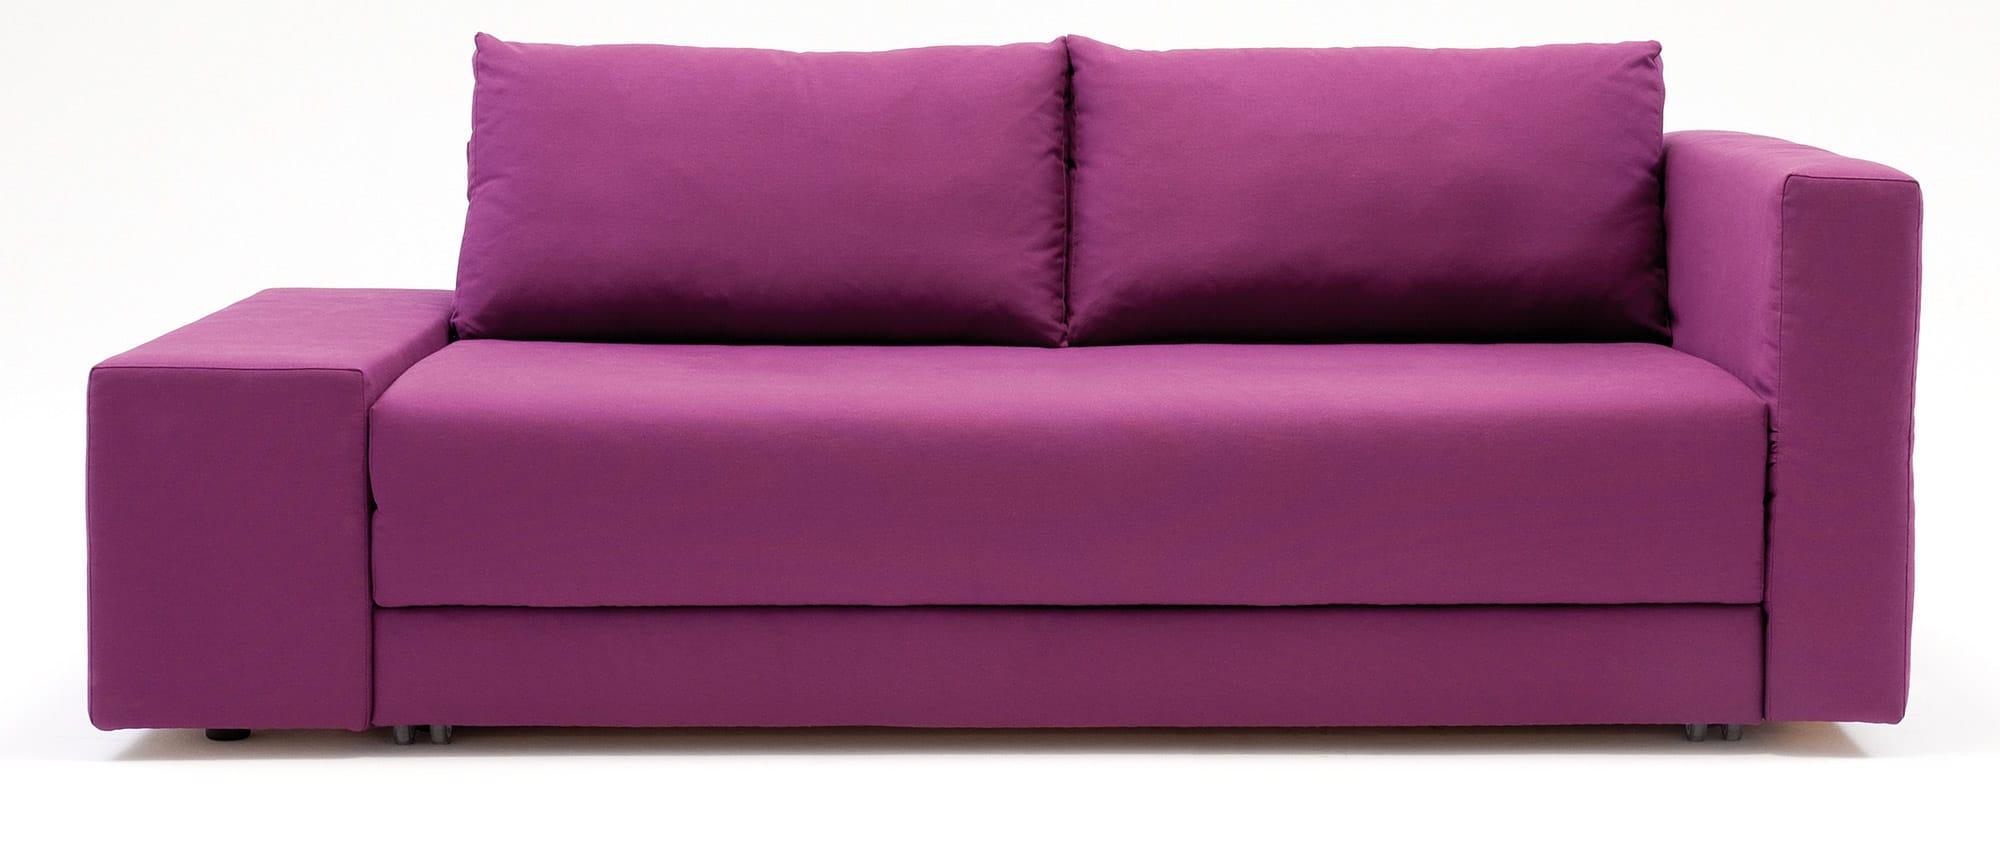 CONFETTO Schlafsofa von Franz Fertig mit unterschiedlichen Armlehnen. Breite Armlehnen, feste Armlehnen. Rückenkissen. Sofa mit Schlaffunktion.